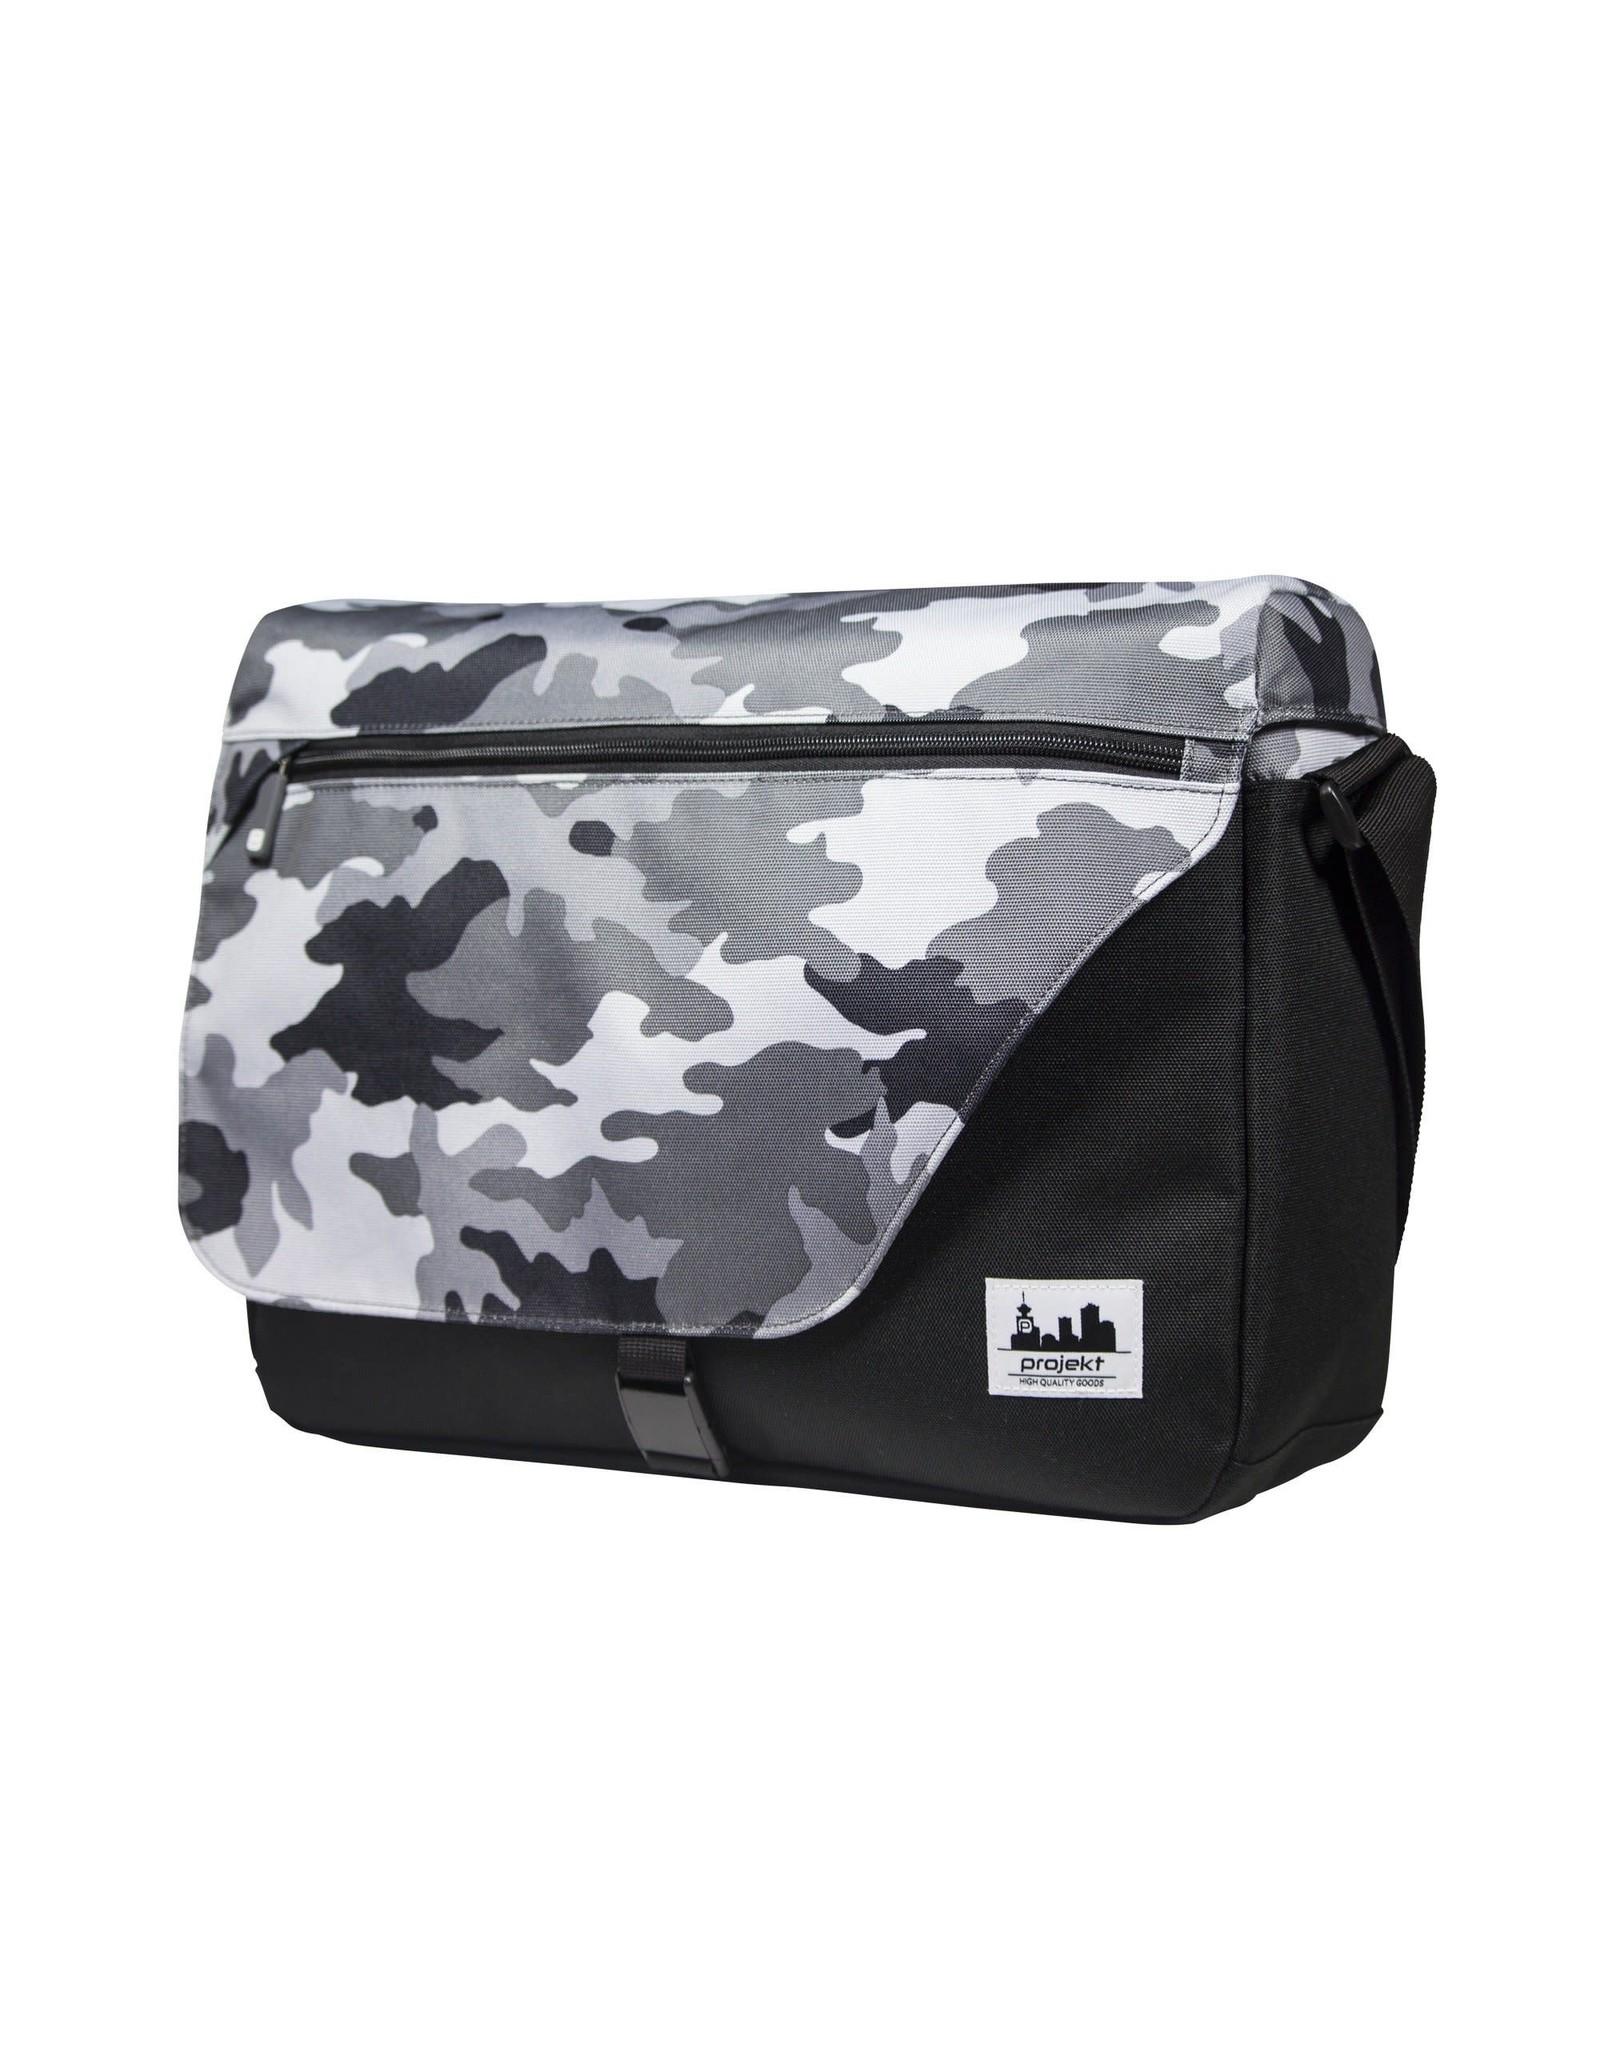 Projekt Workshop Messenger Bag